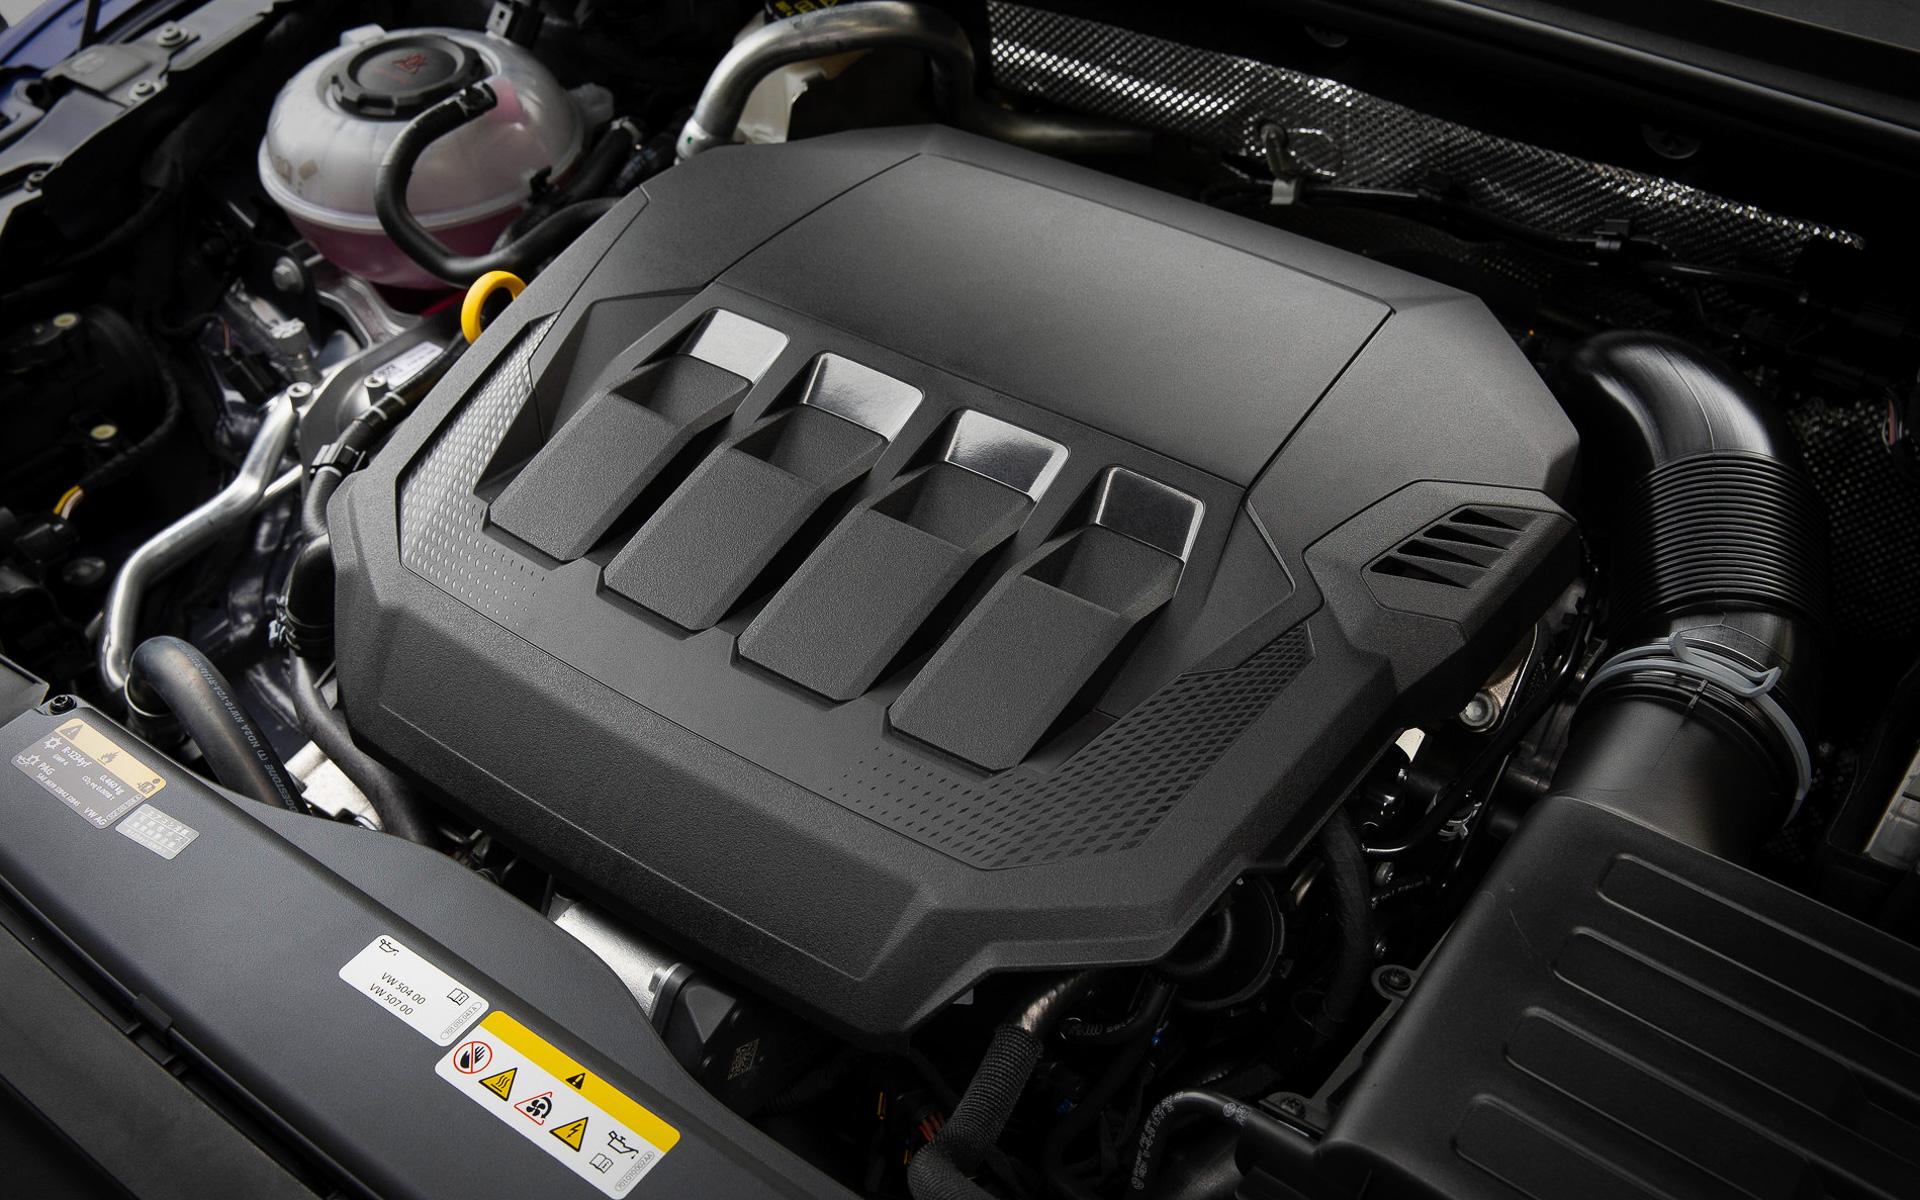 2.0リッターTSIエンジンは最高出力200kW(272PS)、最大トルク350Nmを発生。7速DSGと4MOTION(フルタイム4輪駆動)が組み合わせられる